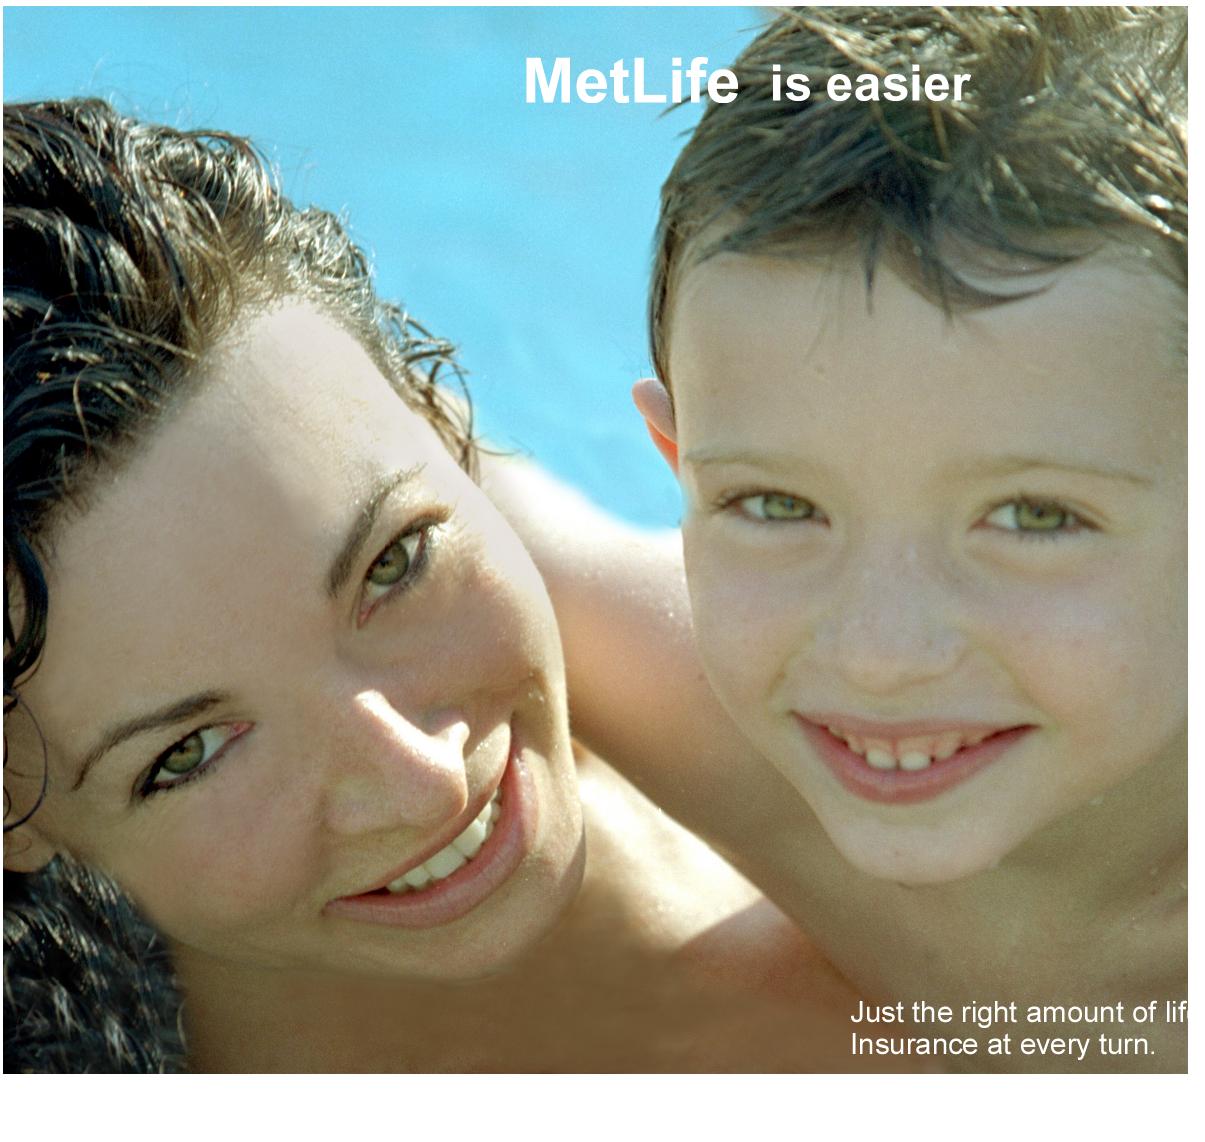 MetLife 2 copy.jpg